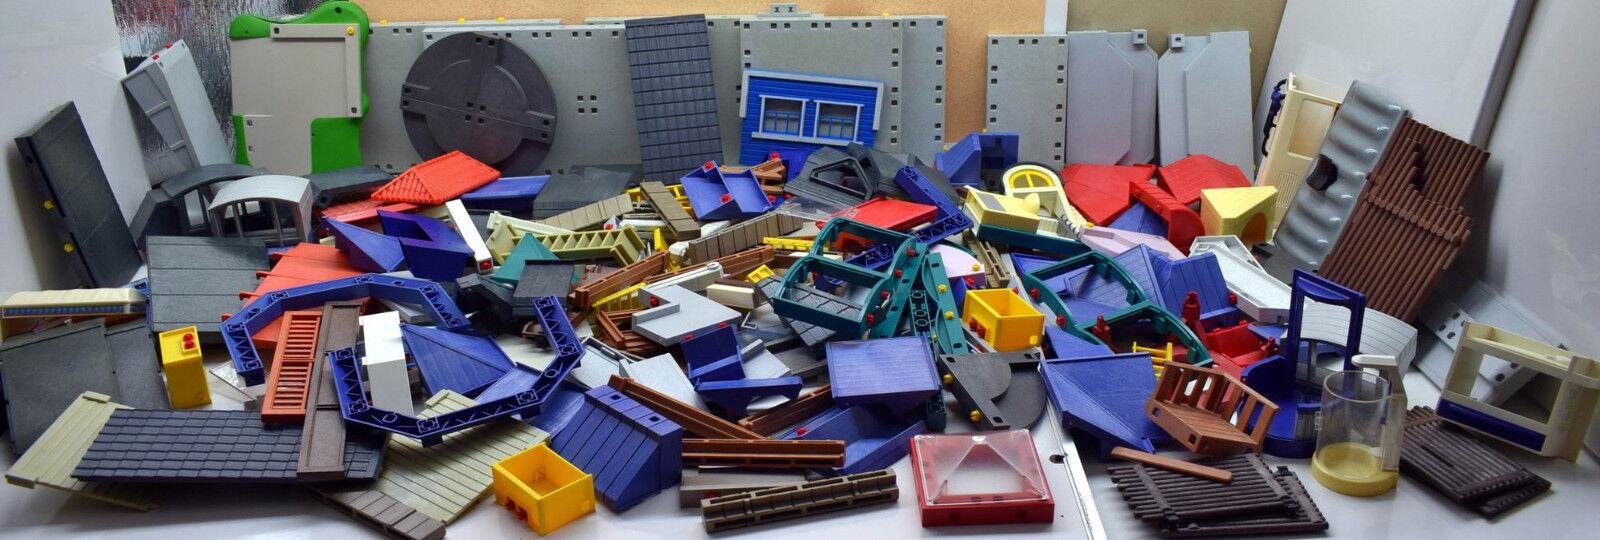 Playmobil Konvolut Ersatzteile über 200 Gebäudeteile Wohnhaus Polizei Supermarkt